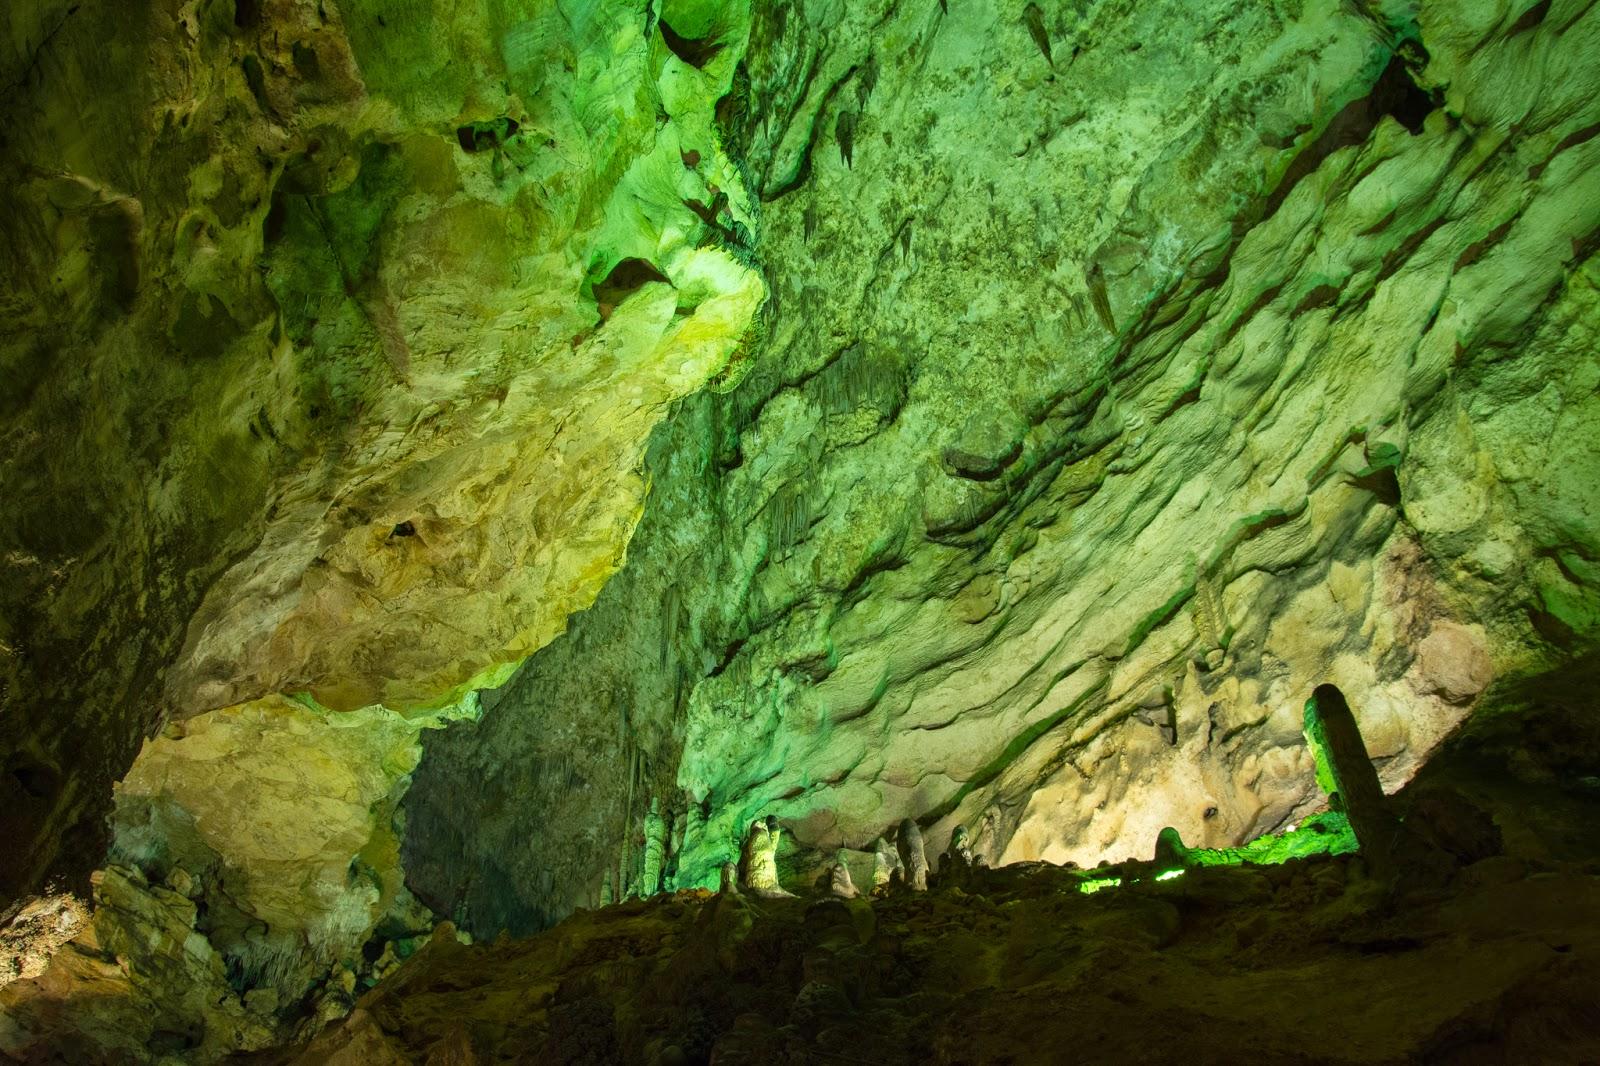 Carlsbad Caverns: Natural Entrance Tour